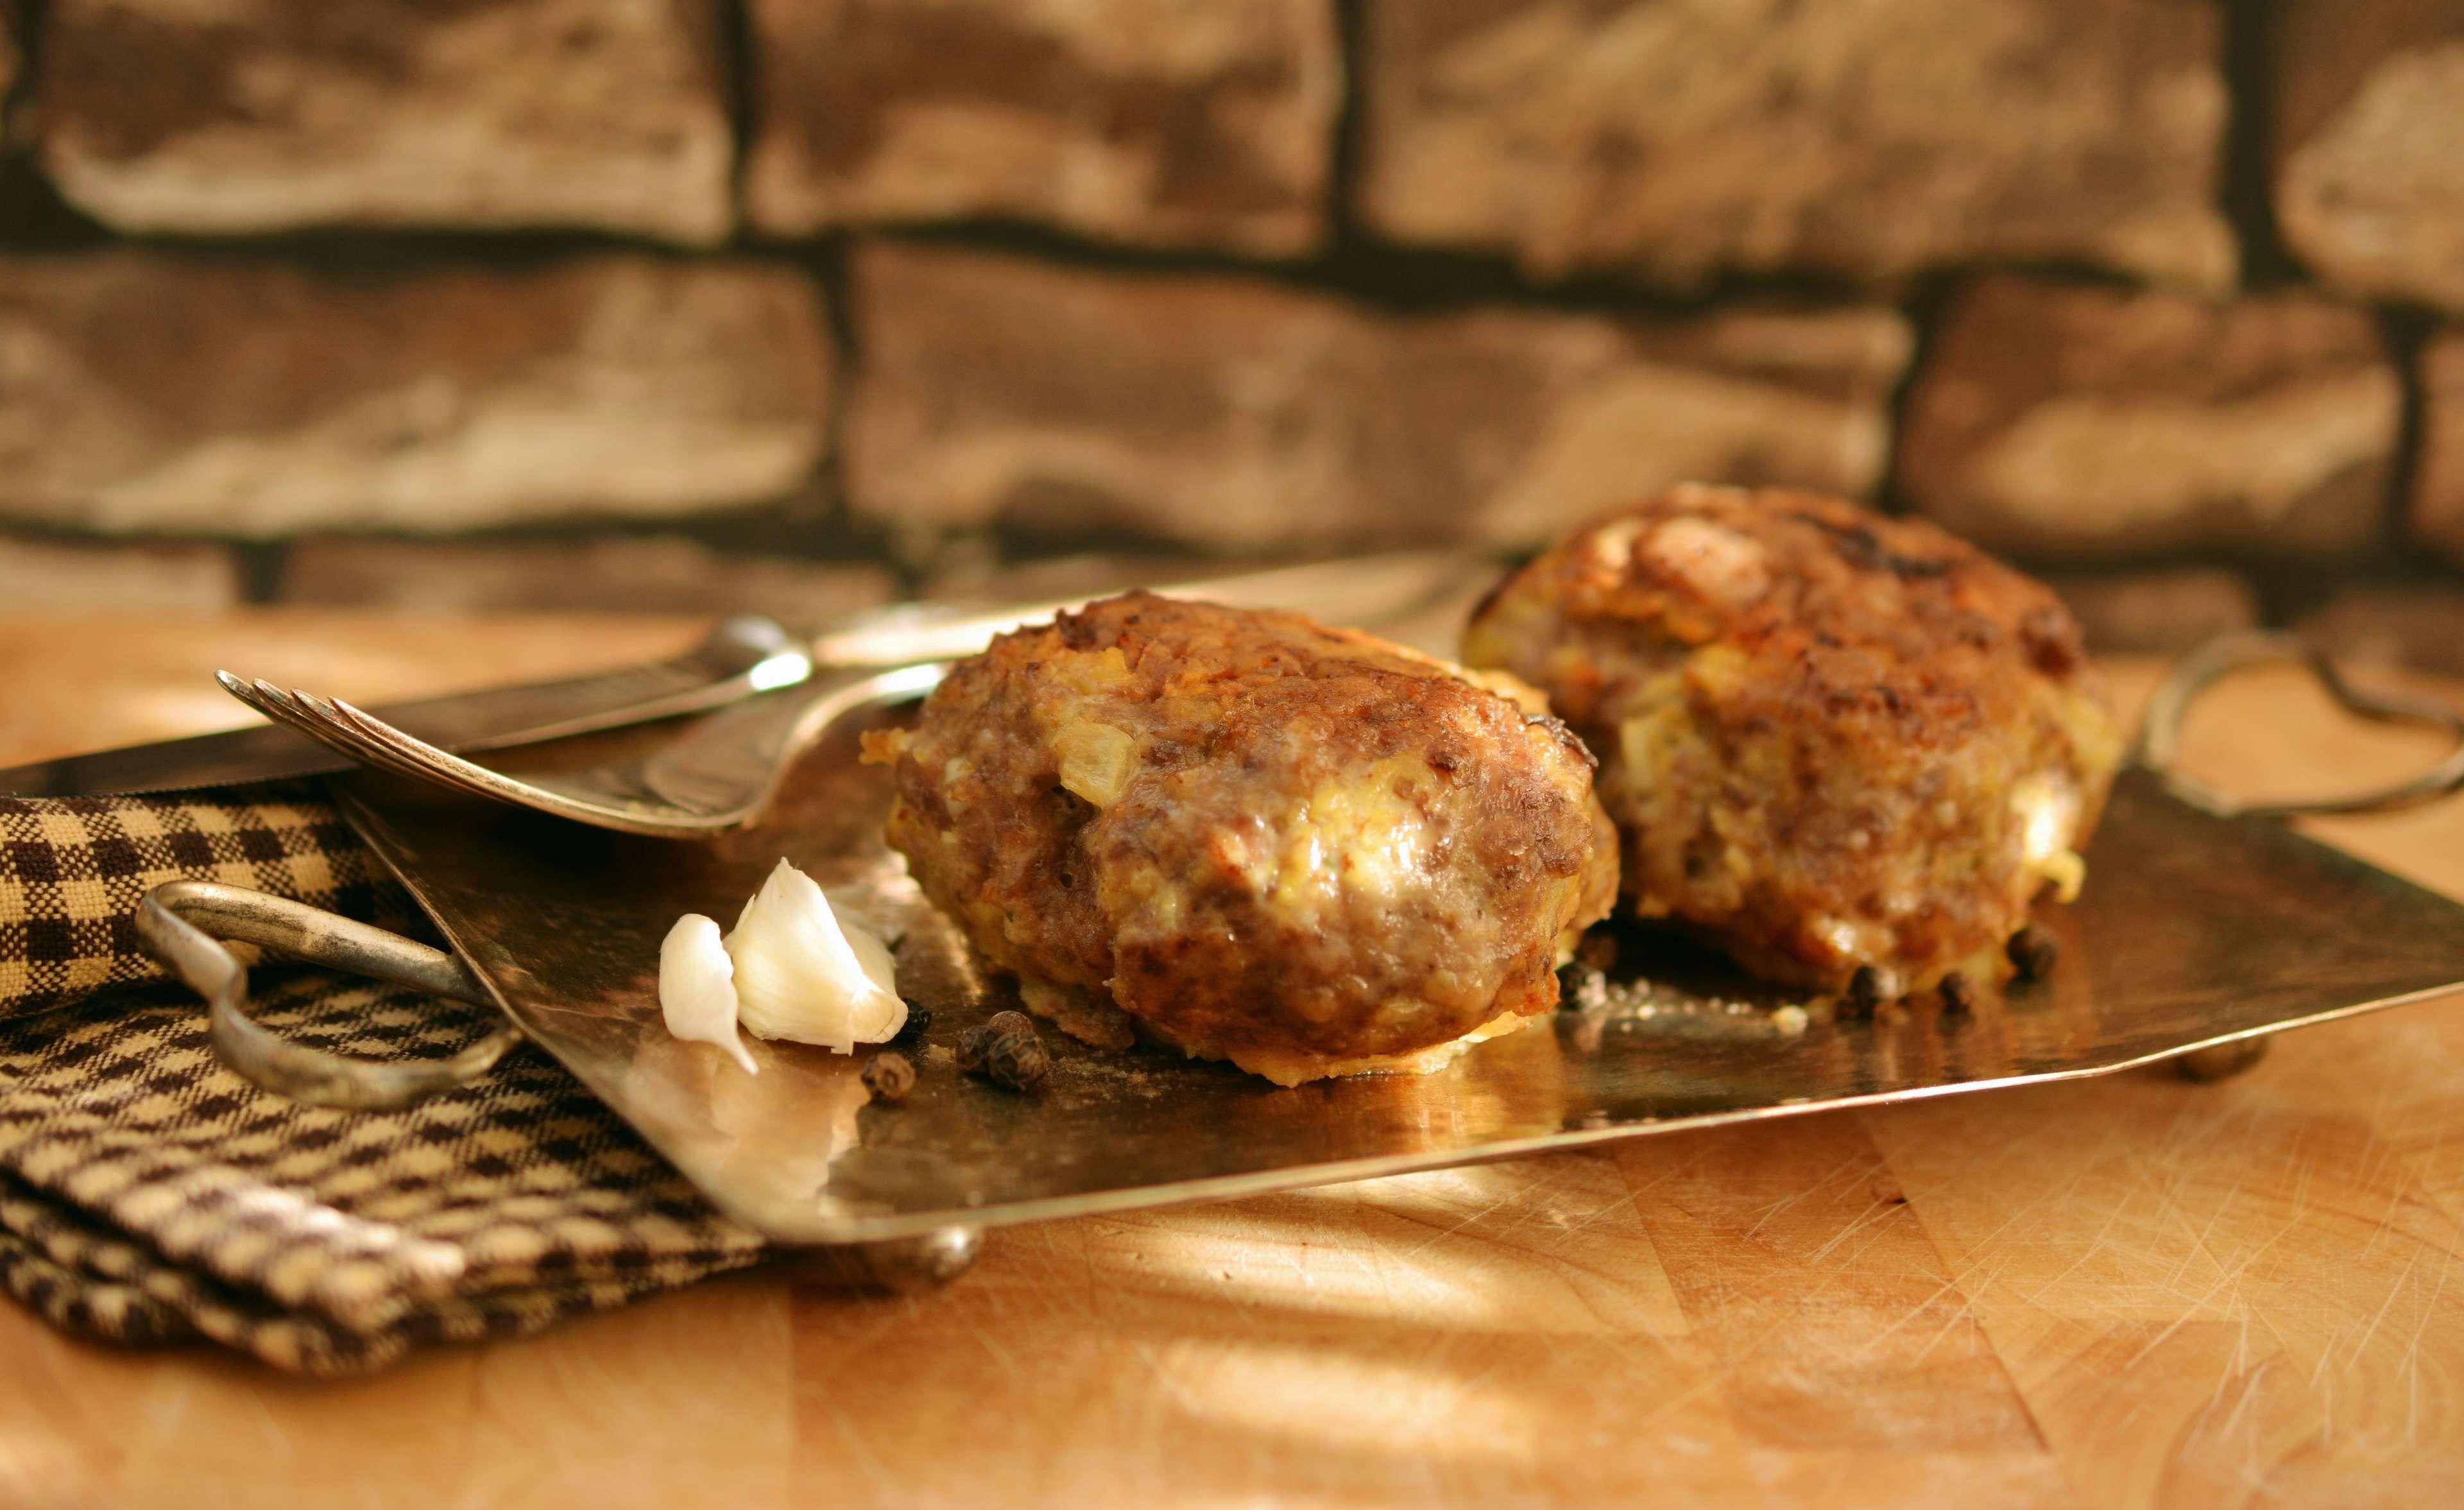 coleslaw, cook, fried, meat, meat balls, meat dumplings